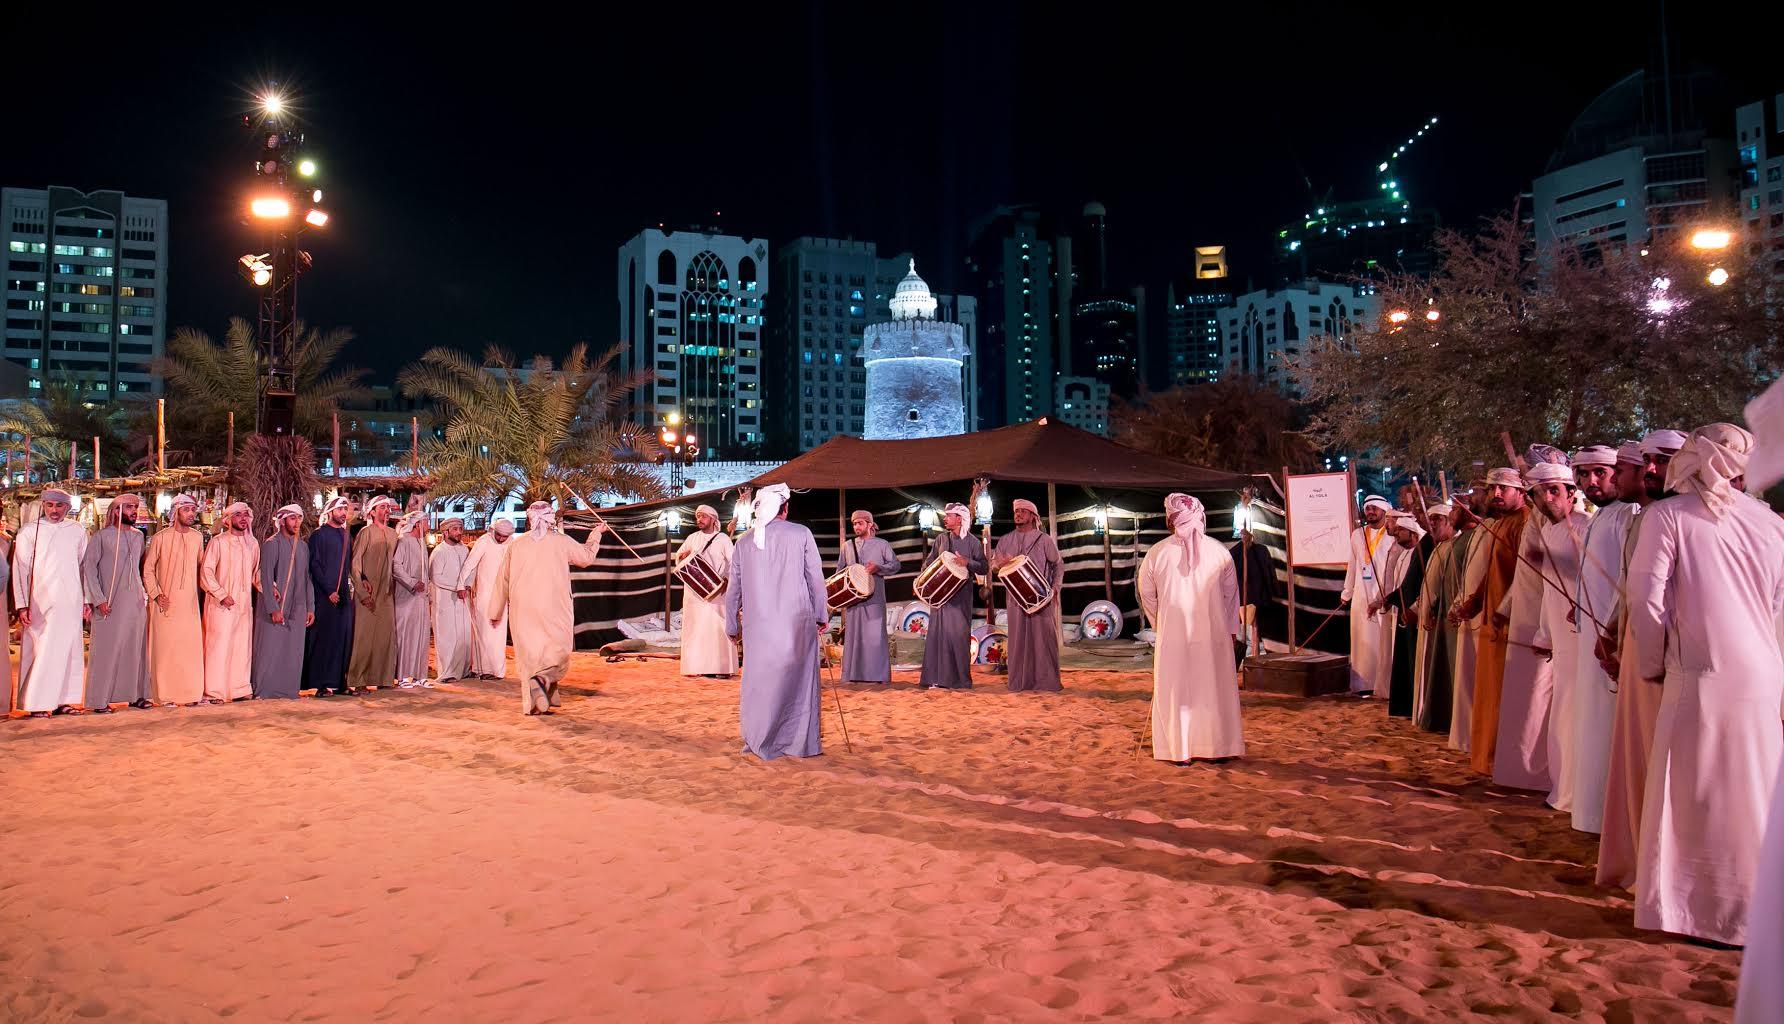 مهرجان قصر الحصن  يحتفي ب7عناصر ثقافية من التراث الاماراتي